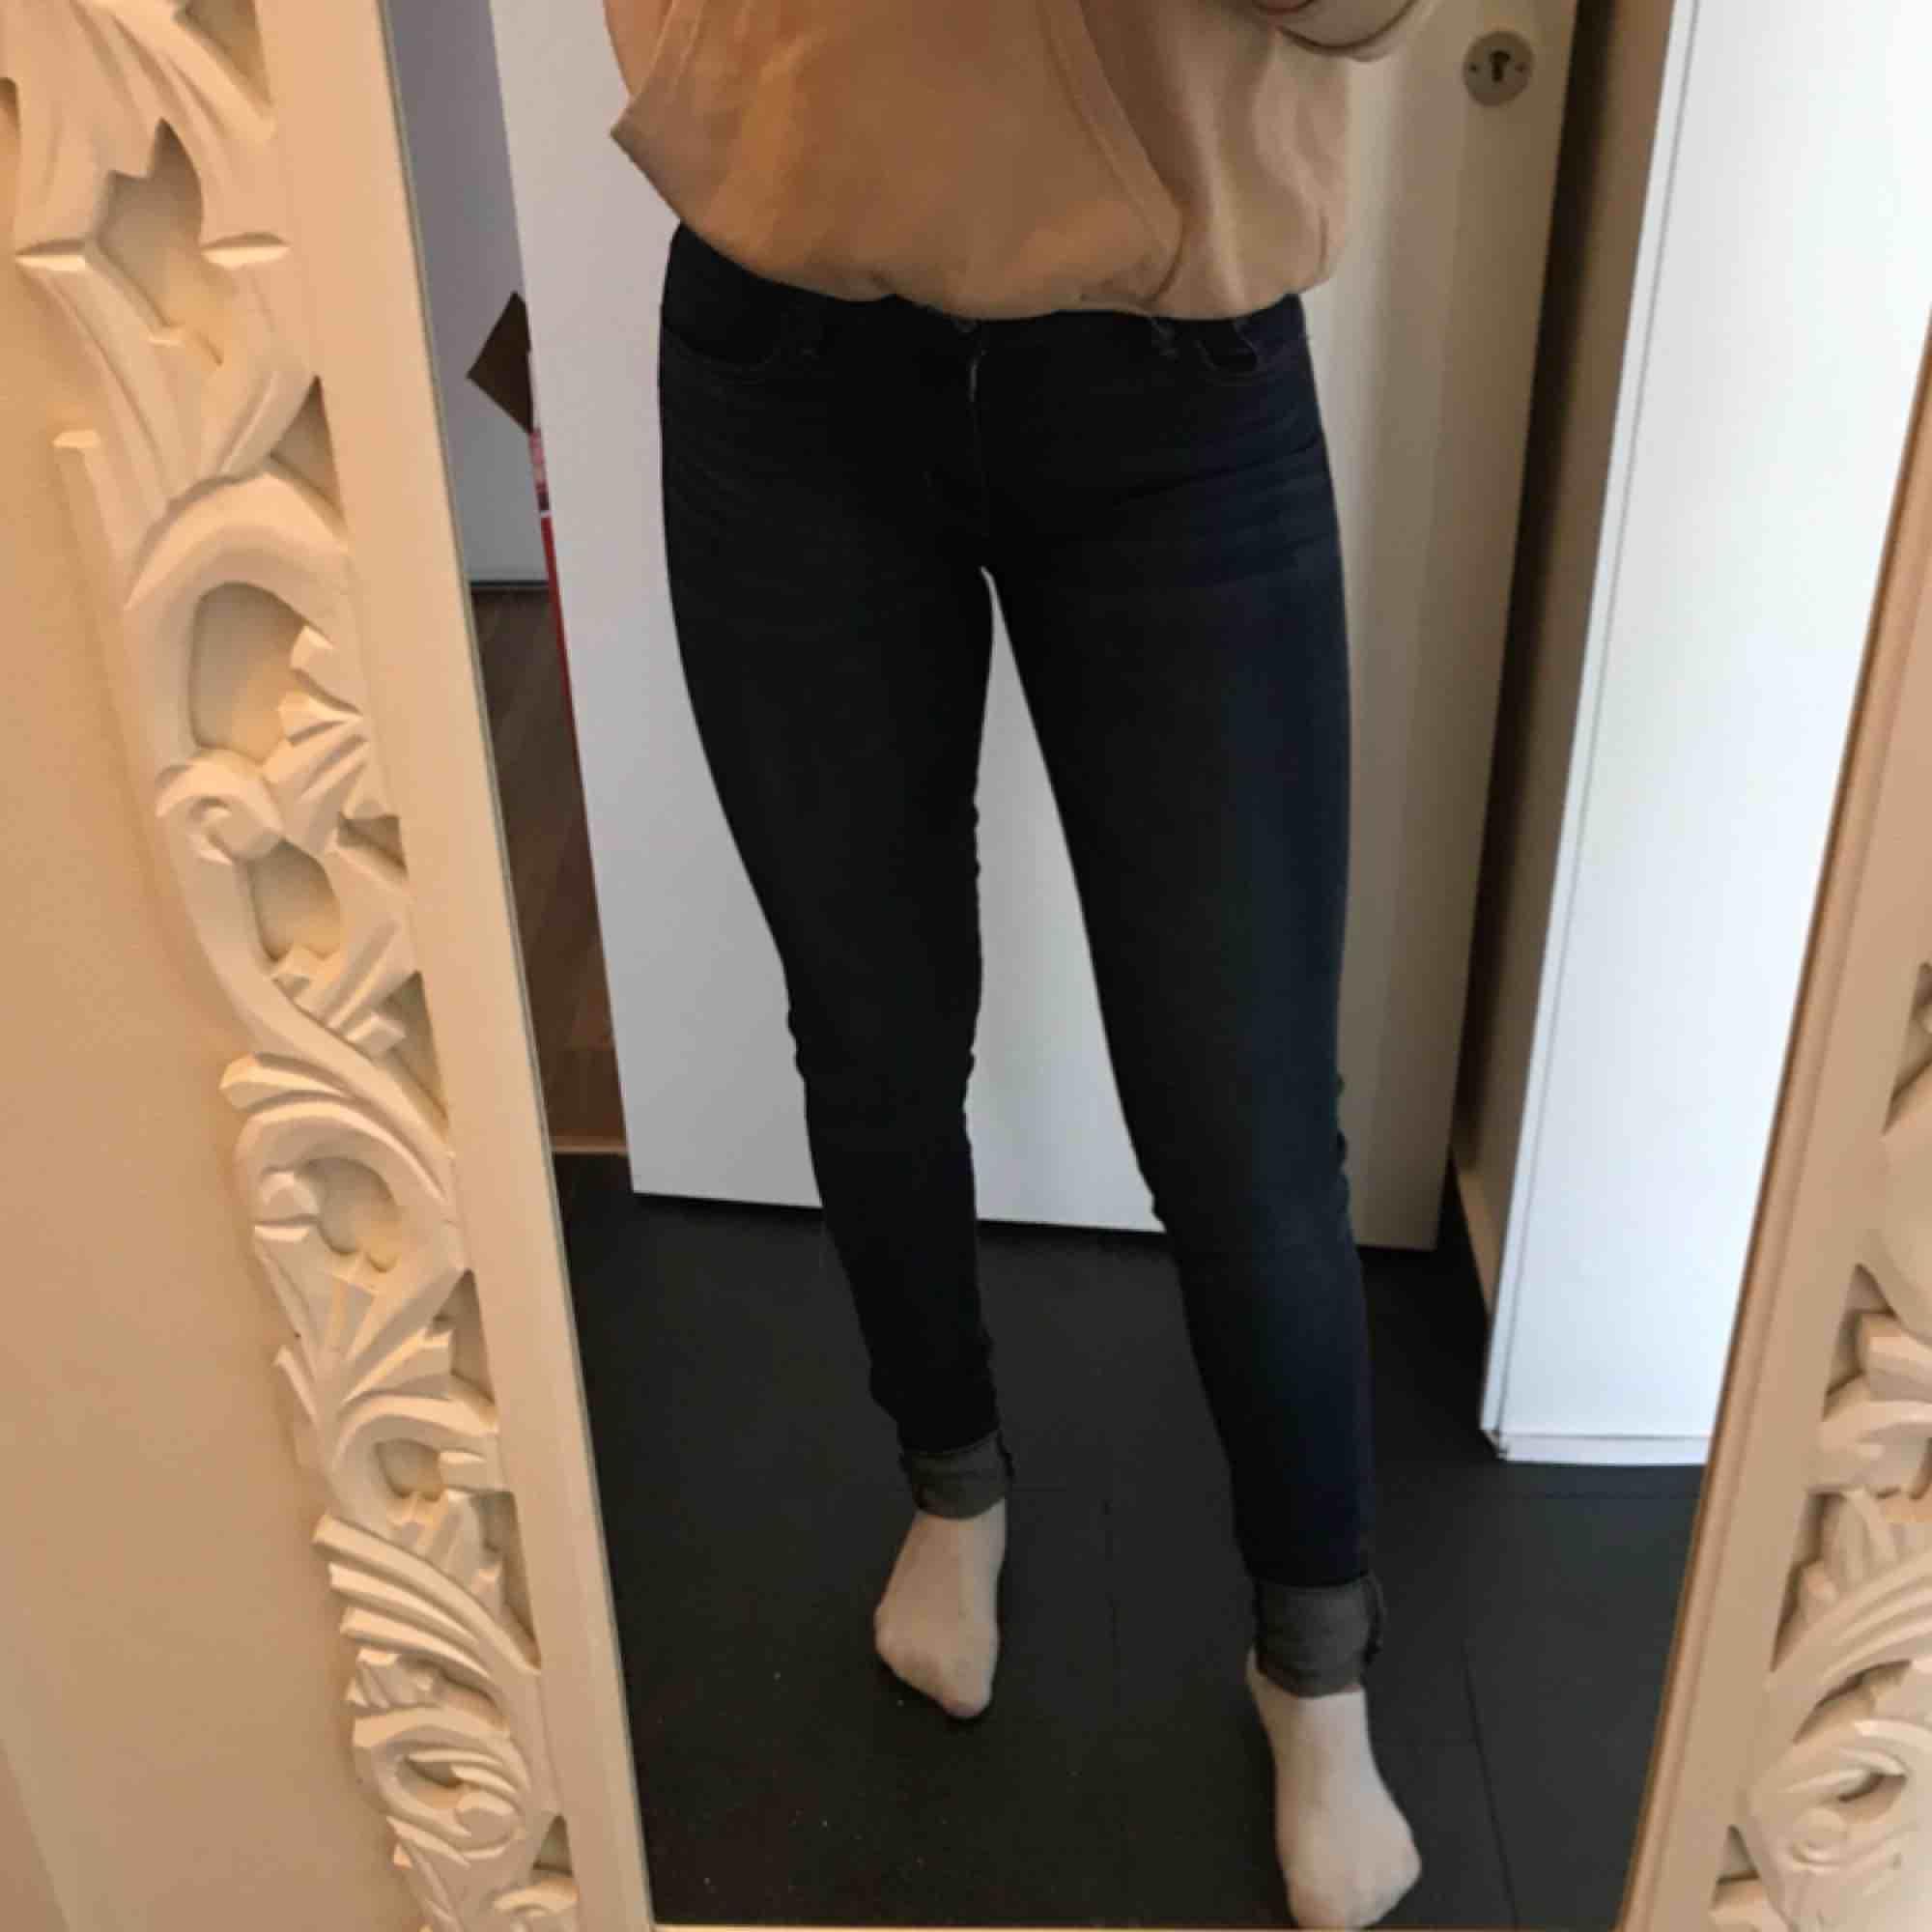 Levis jeans. Ganska stretchiga men ändå relativt hårda. Jättefin blå färg, säljs för jag har för många byxor! Strl 26, Levis 710 super skinny. Använda typ 3 ggr utomhus. Helt nytt skick! Originalpris runt 1000, nypris 300kr. Jeans & Byxor.